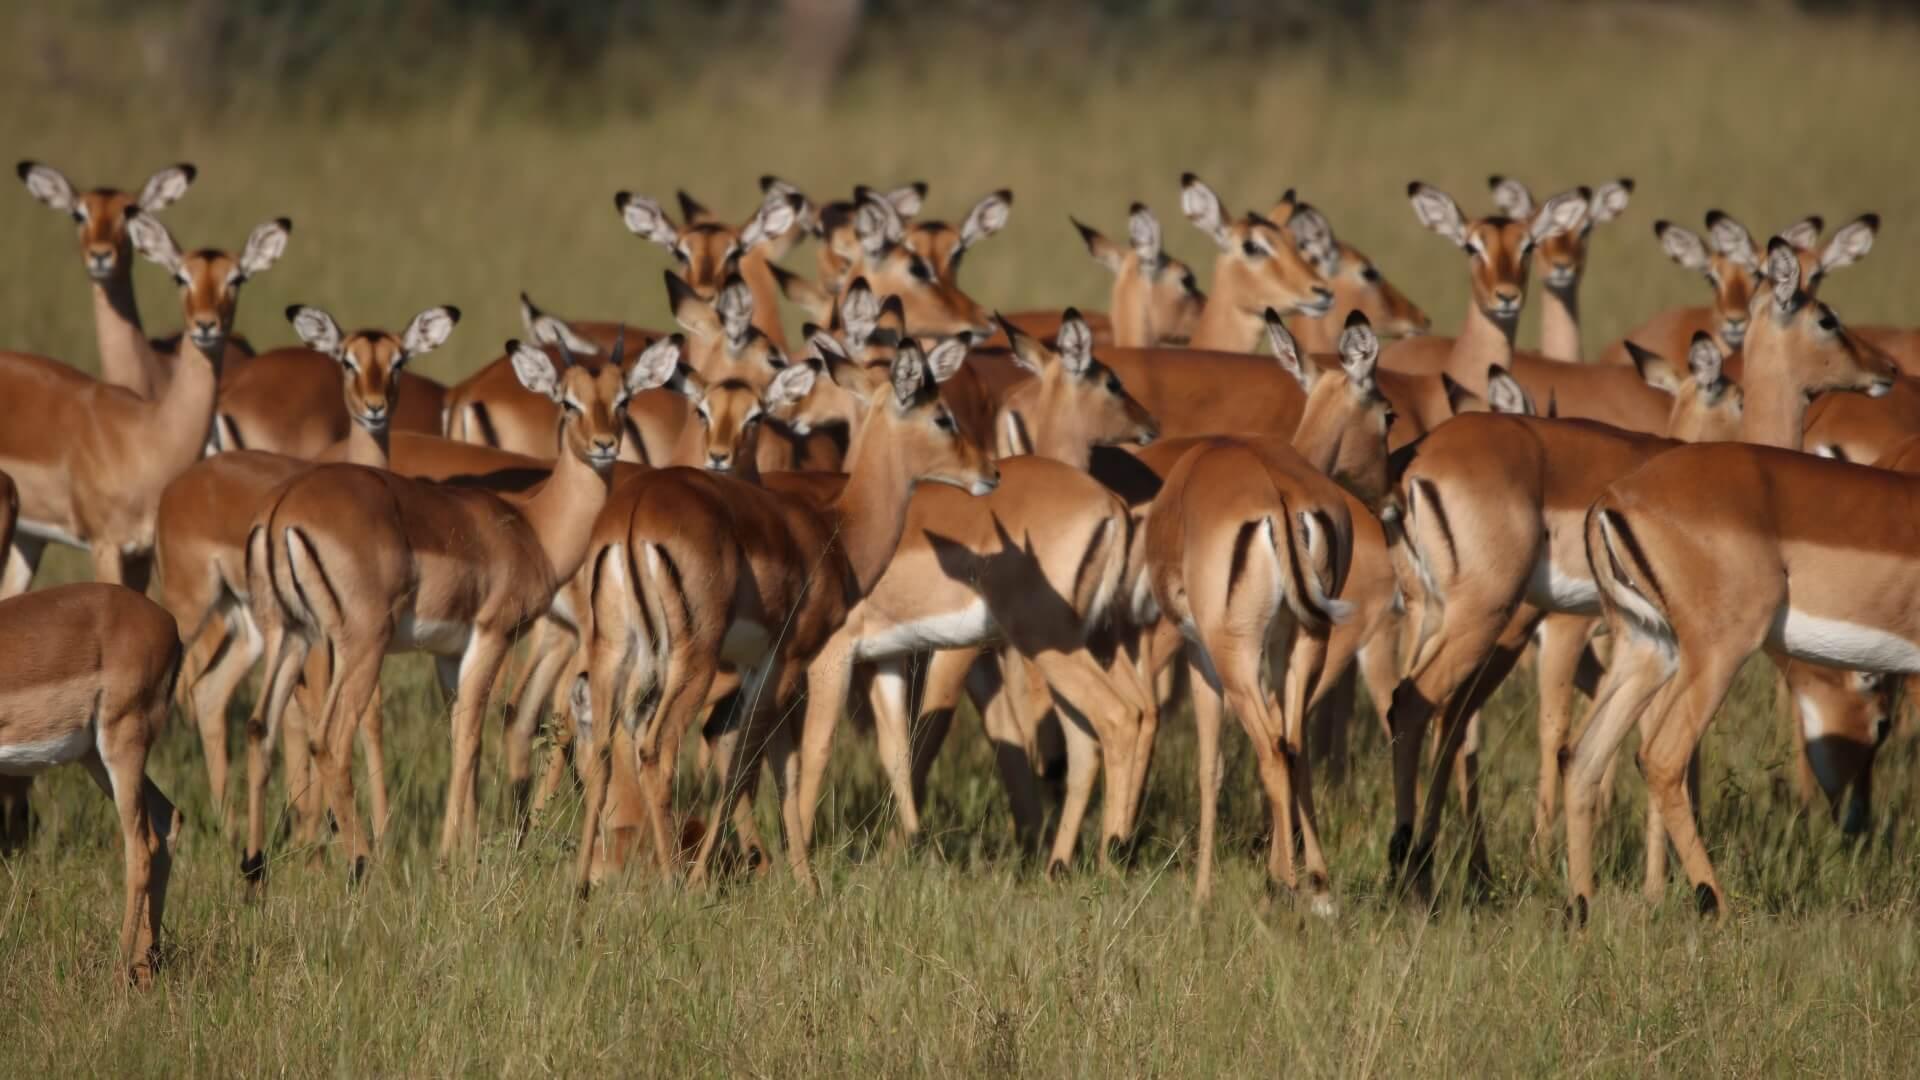 Impala herd, Hwange National Park, Zimbabwe